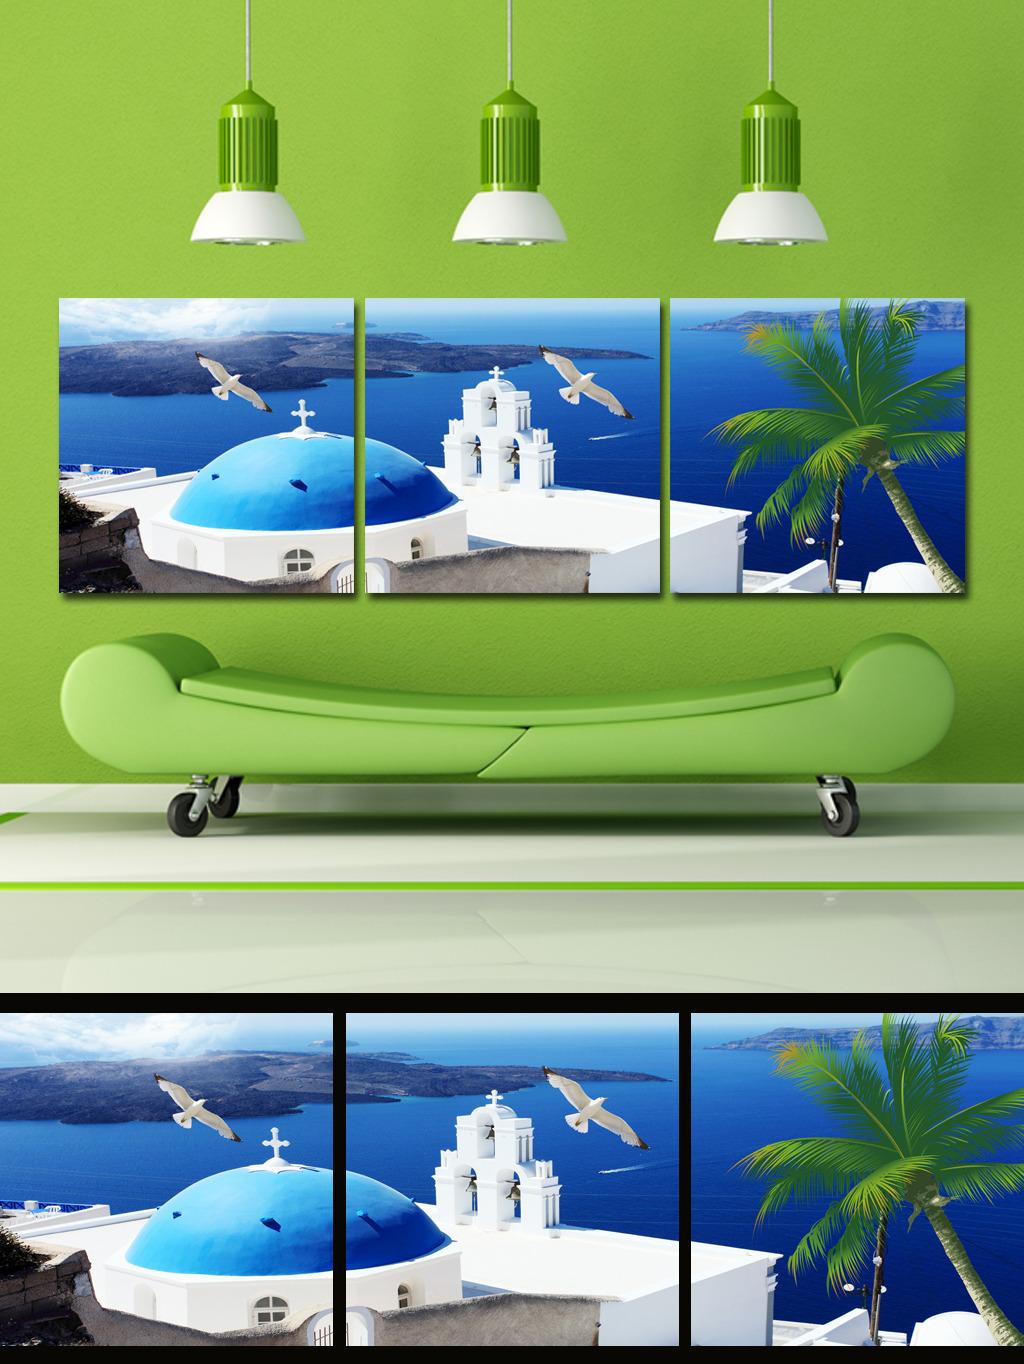 室内装饰墙画 图案 风景无框画 时尚无框画 地中海 爱琴海 椰子树